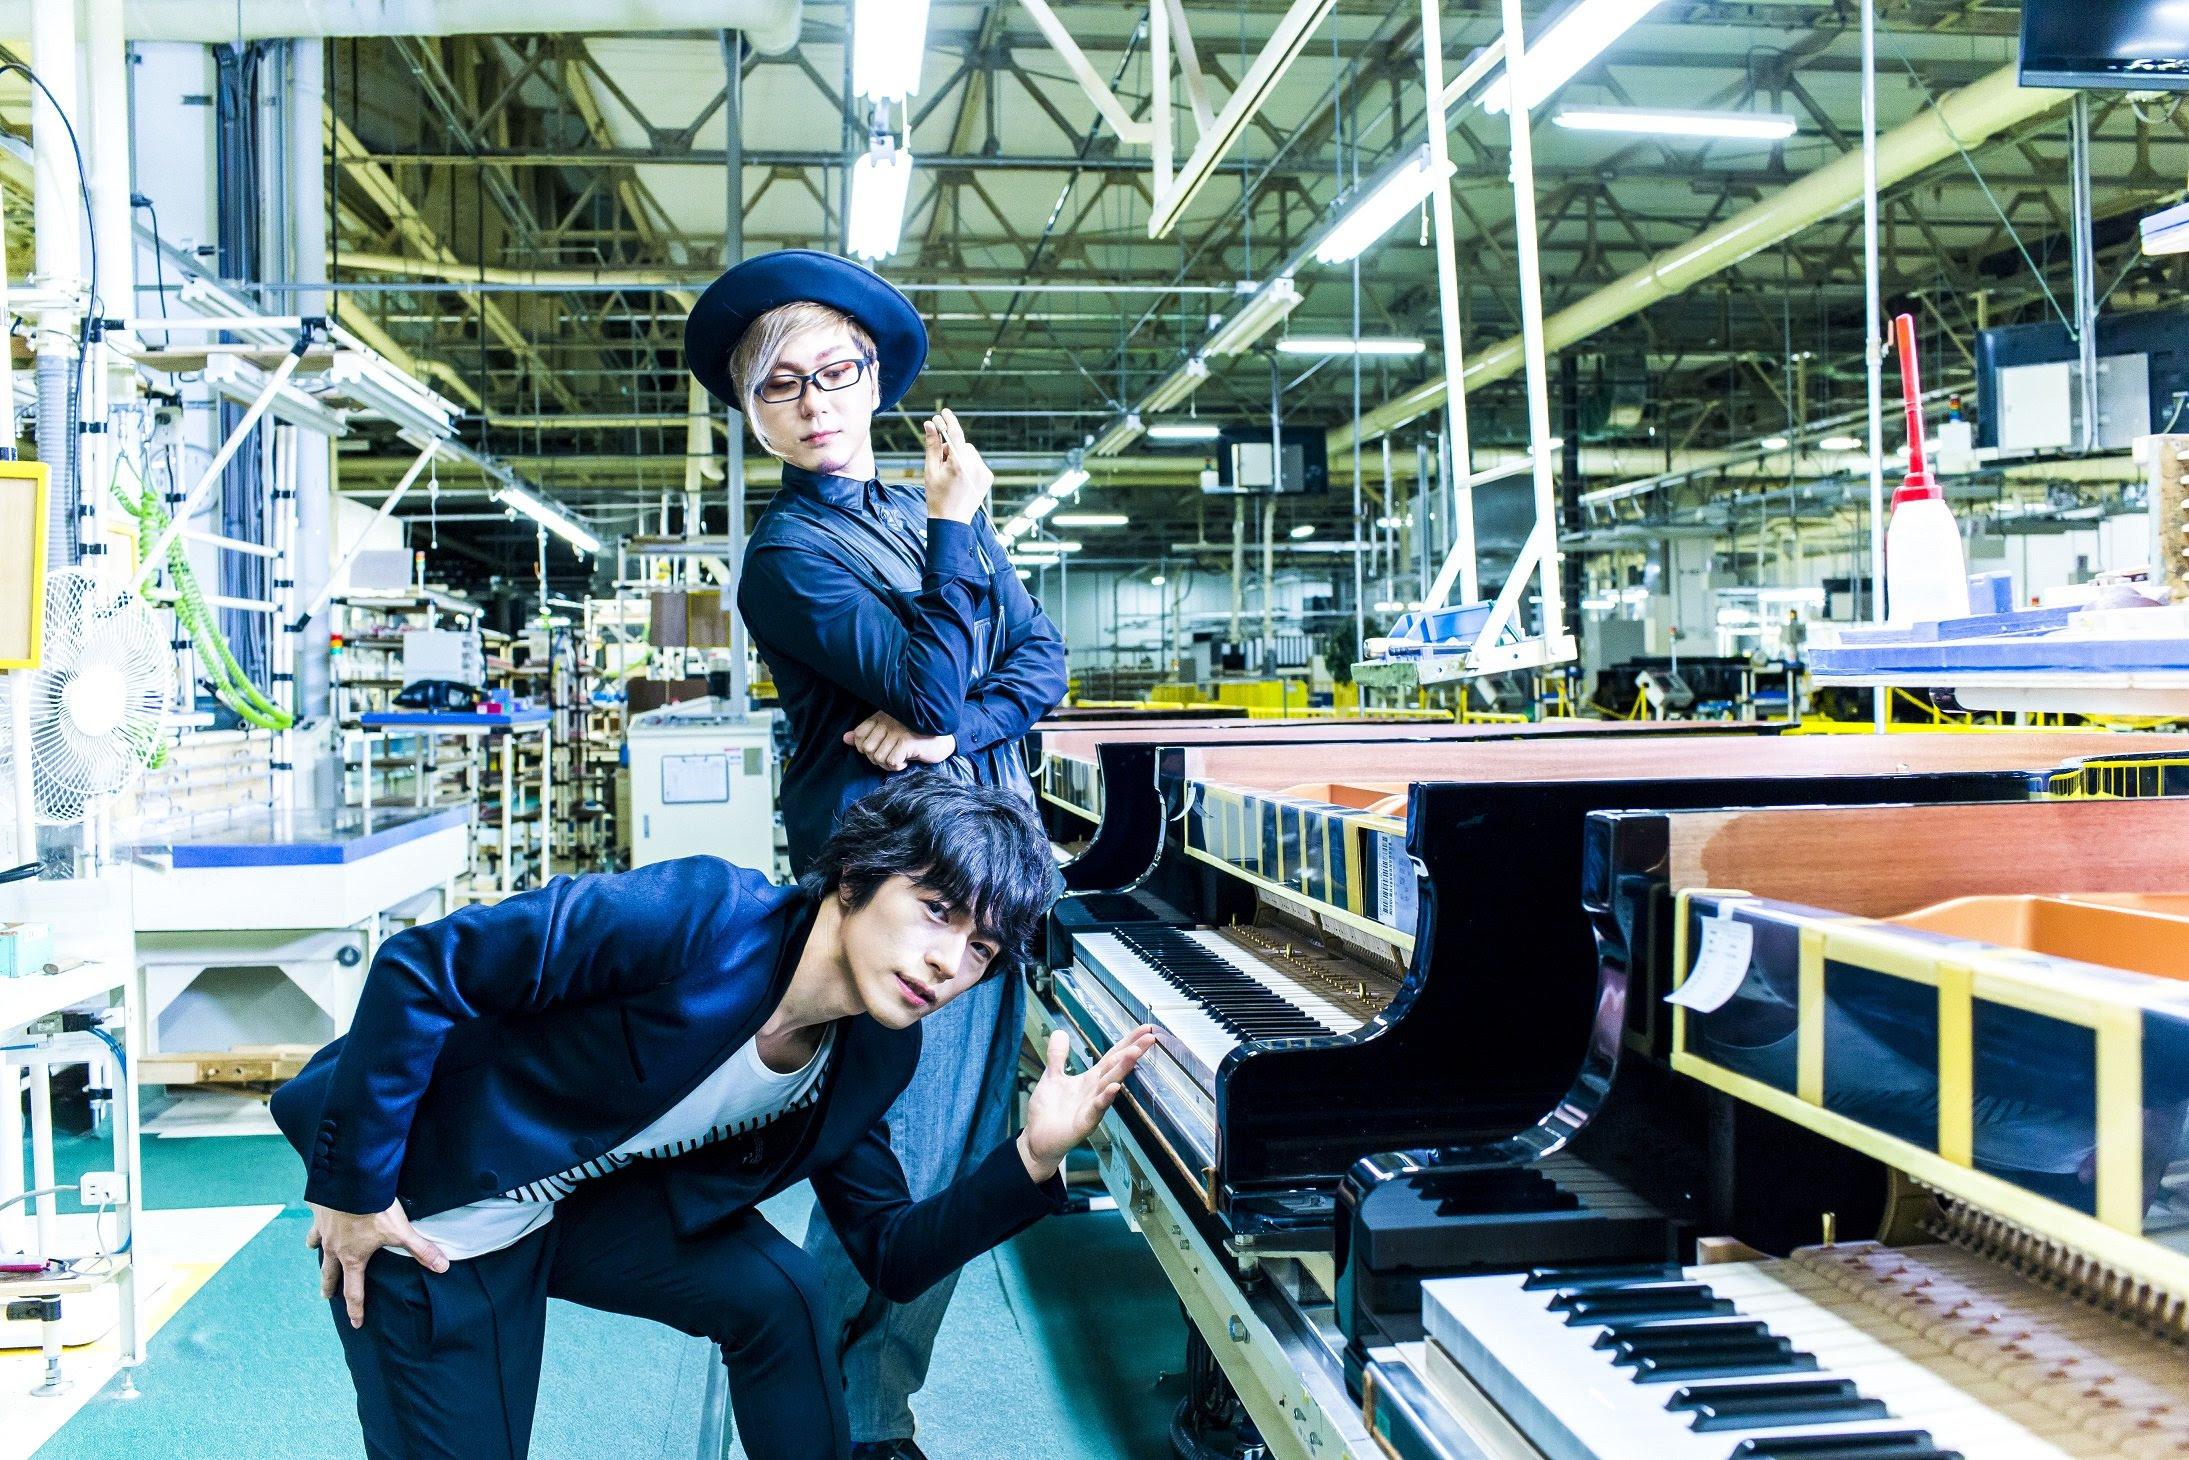 爆クラ!第65夜 「『鍵盤男子』SNS世代のクラシック音楽家・解体新書」開催!【今週のおすすめイベン